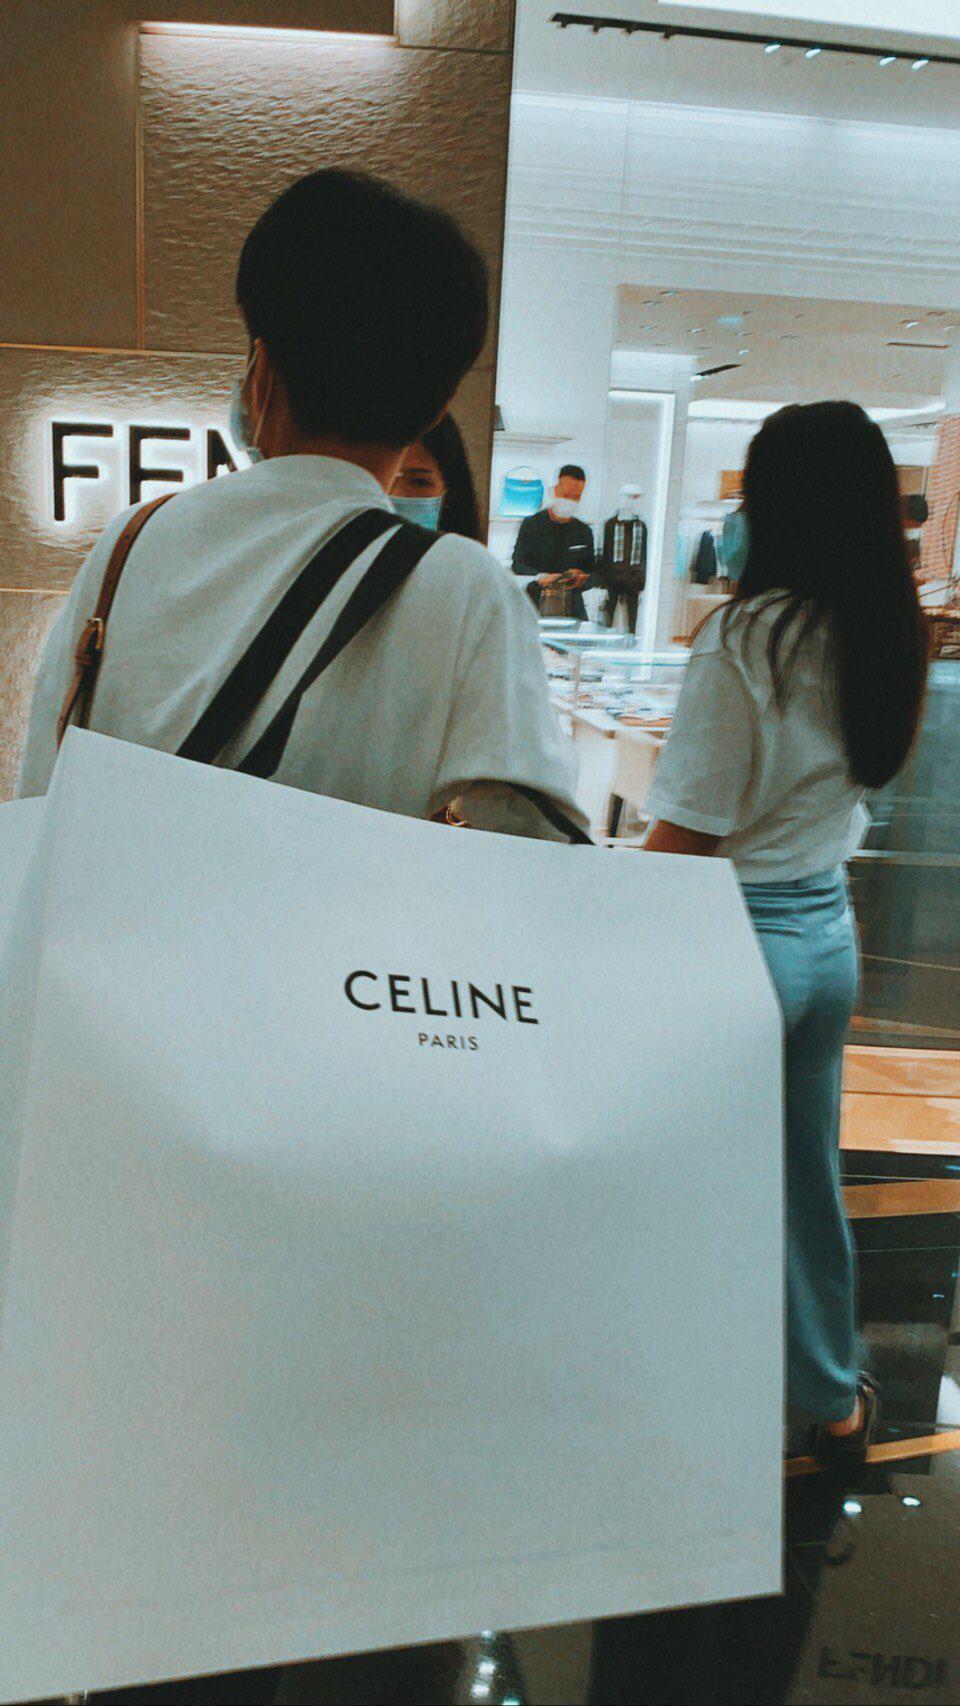 Nể fan của Lisa: Chốt đơn liên tục, mua cả tá đồ Celine mừng idol thành đại sứ toàn cầu - Ảnh 6.